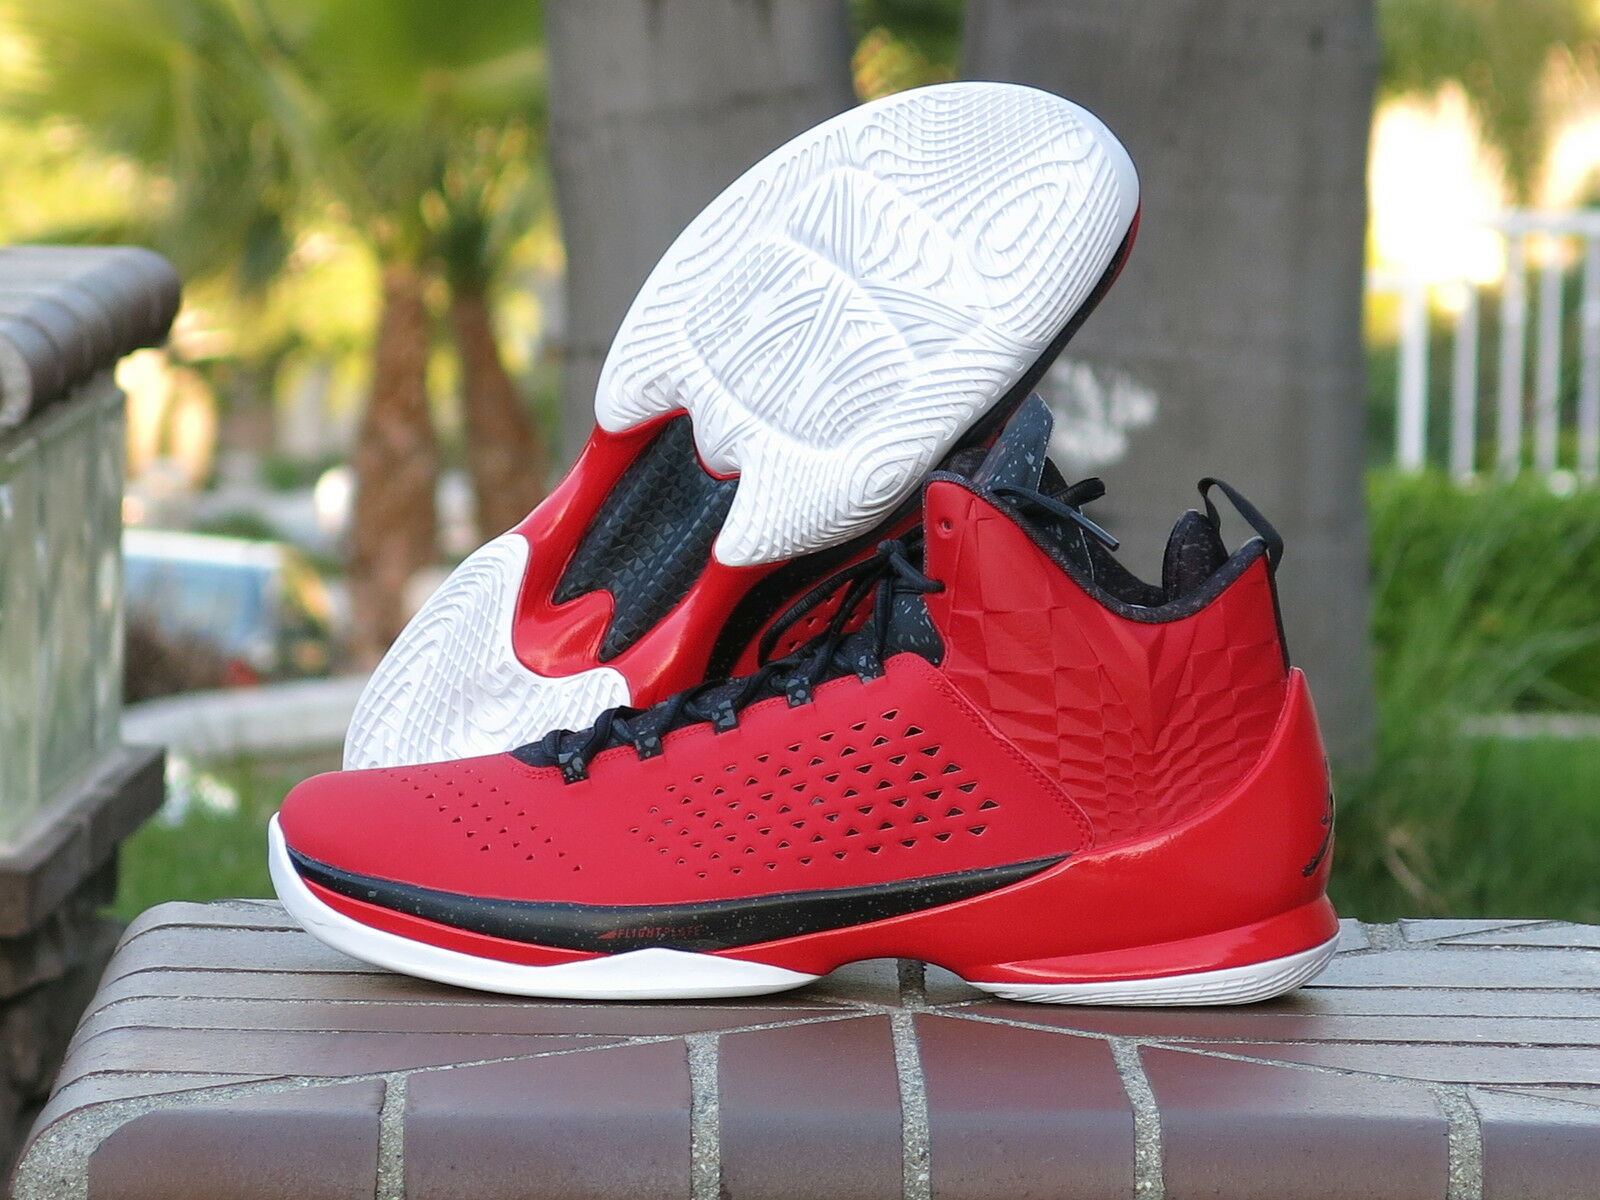 2018 Nike Air M11 Jordan Melo M11 Air DS hombres zapatos de baloncesto 716227-605 reducción de precios baratos y de moda hermosa 2fa02c